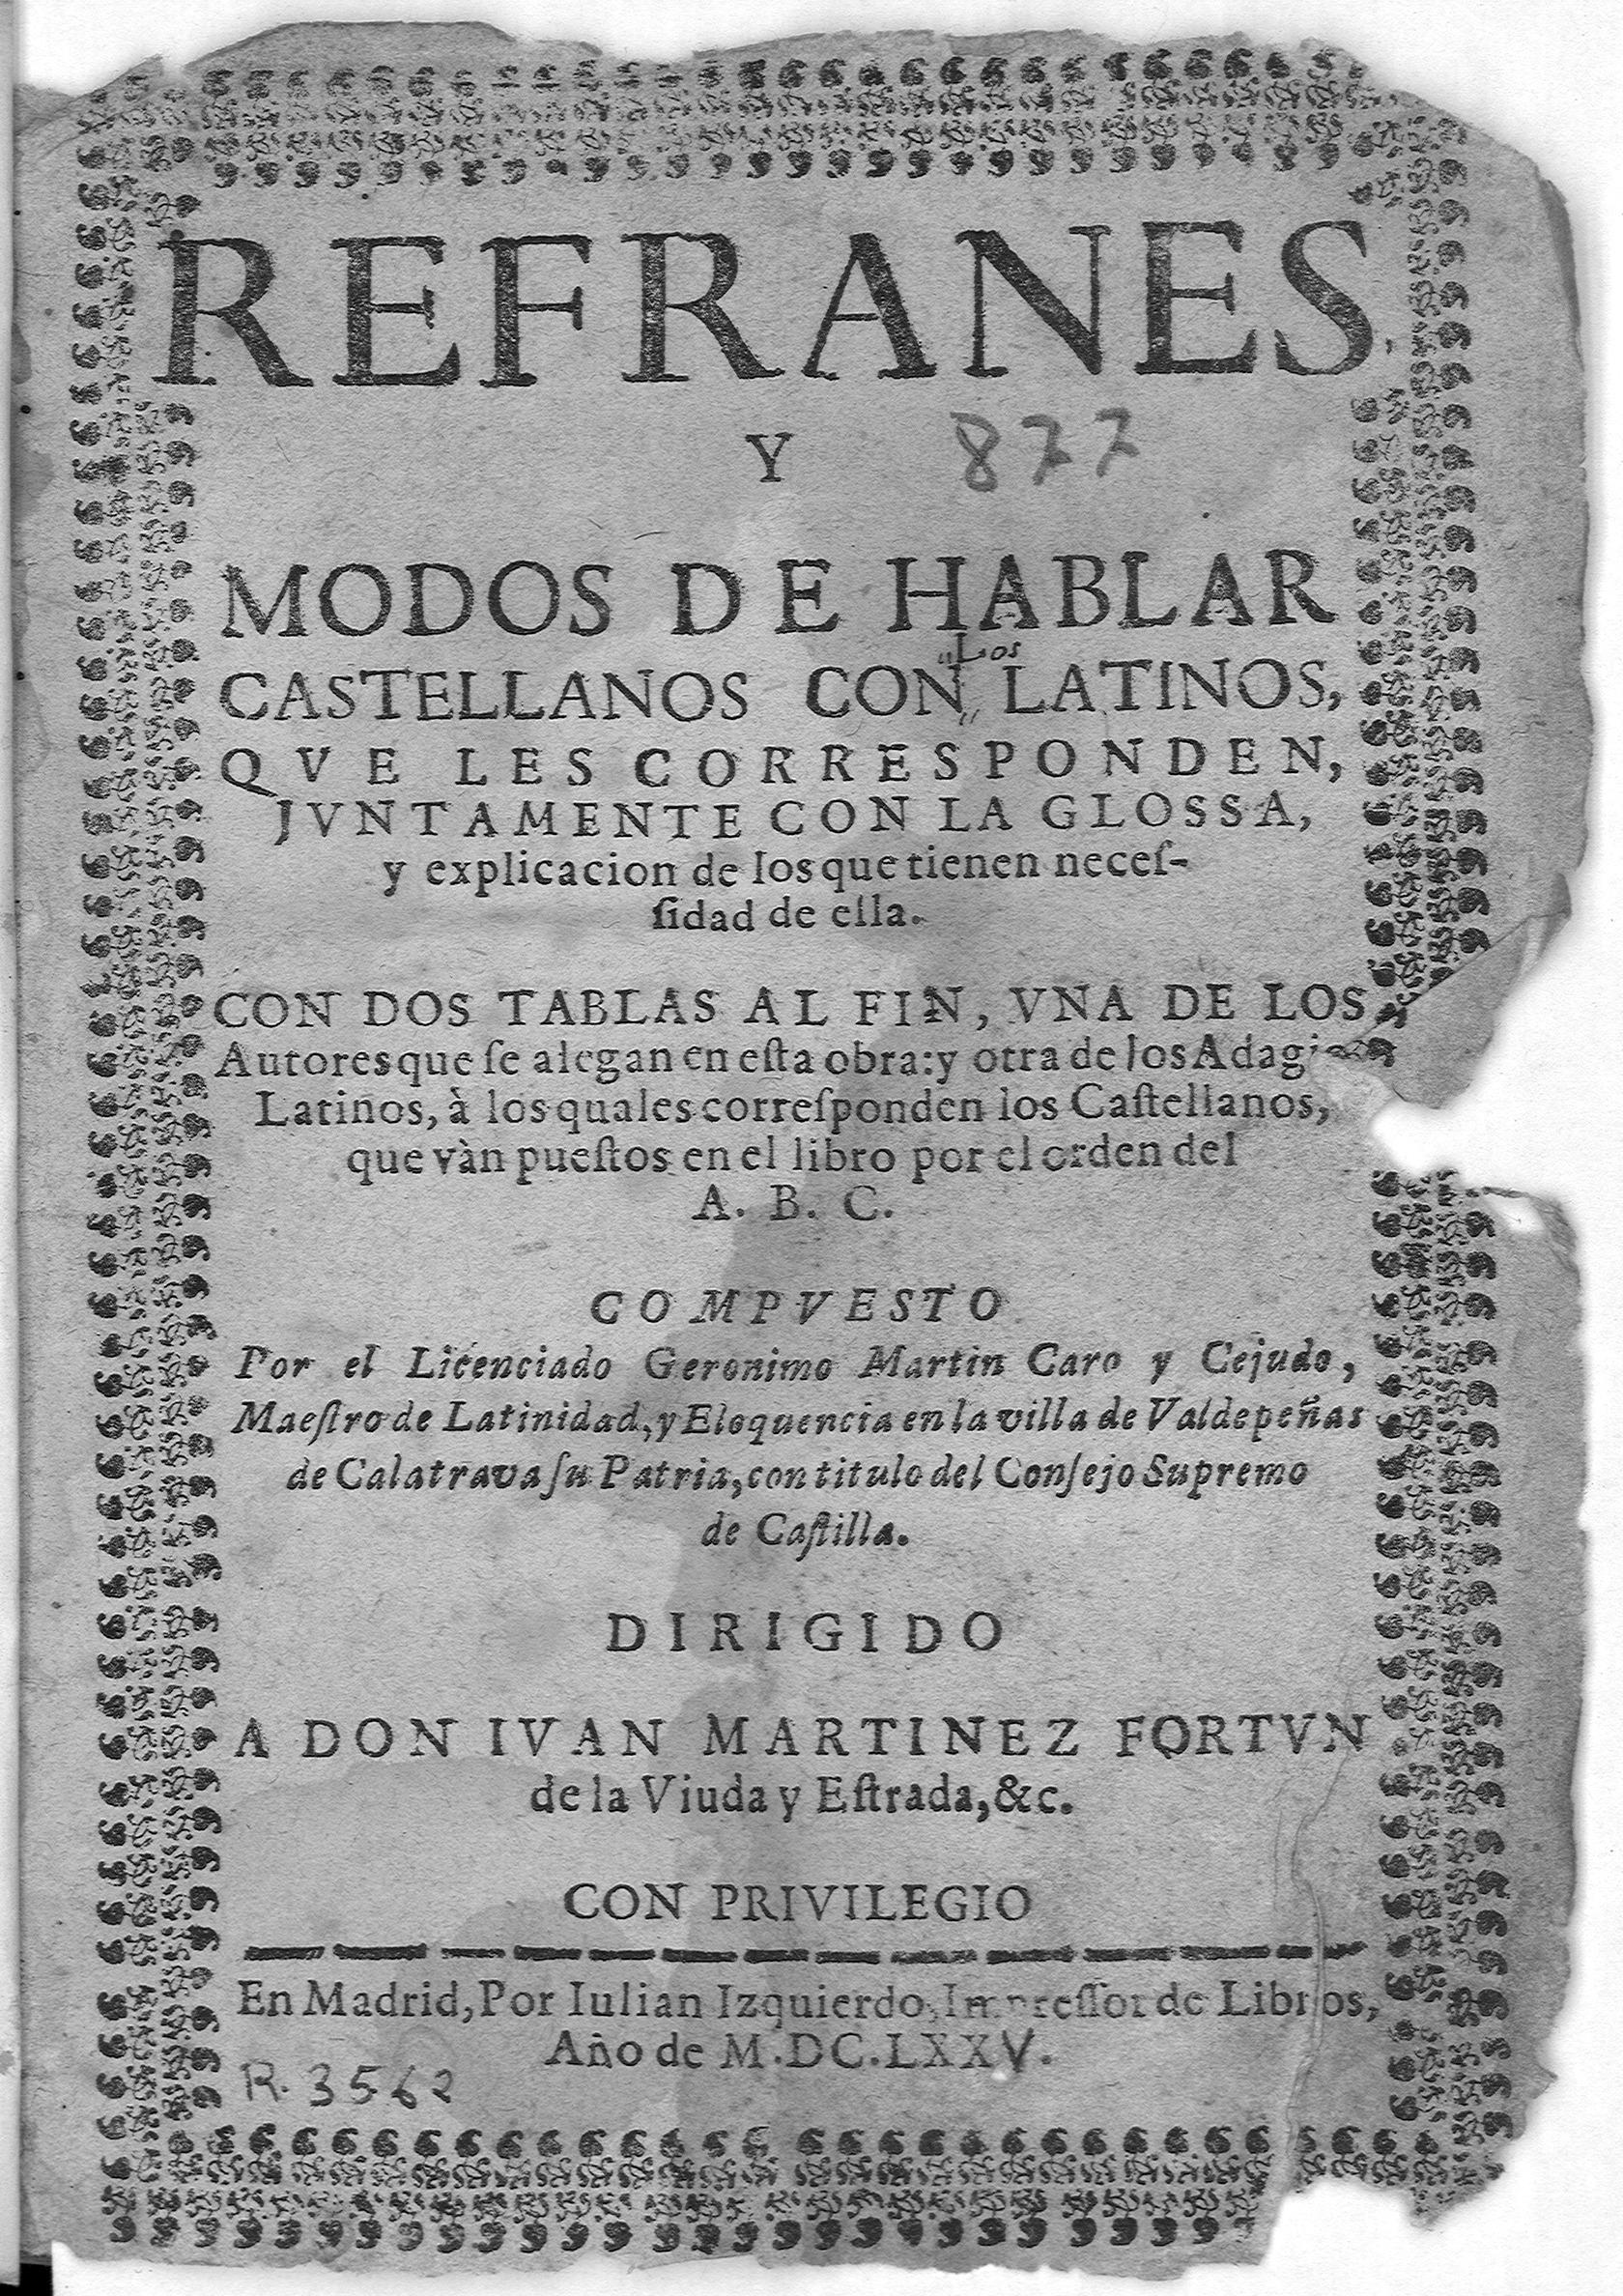 Refranes y modos de hablar castellanos con latinos que les corresponden, 1675